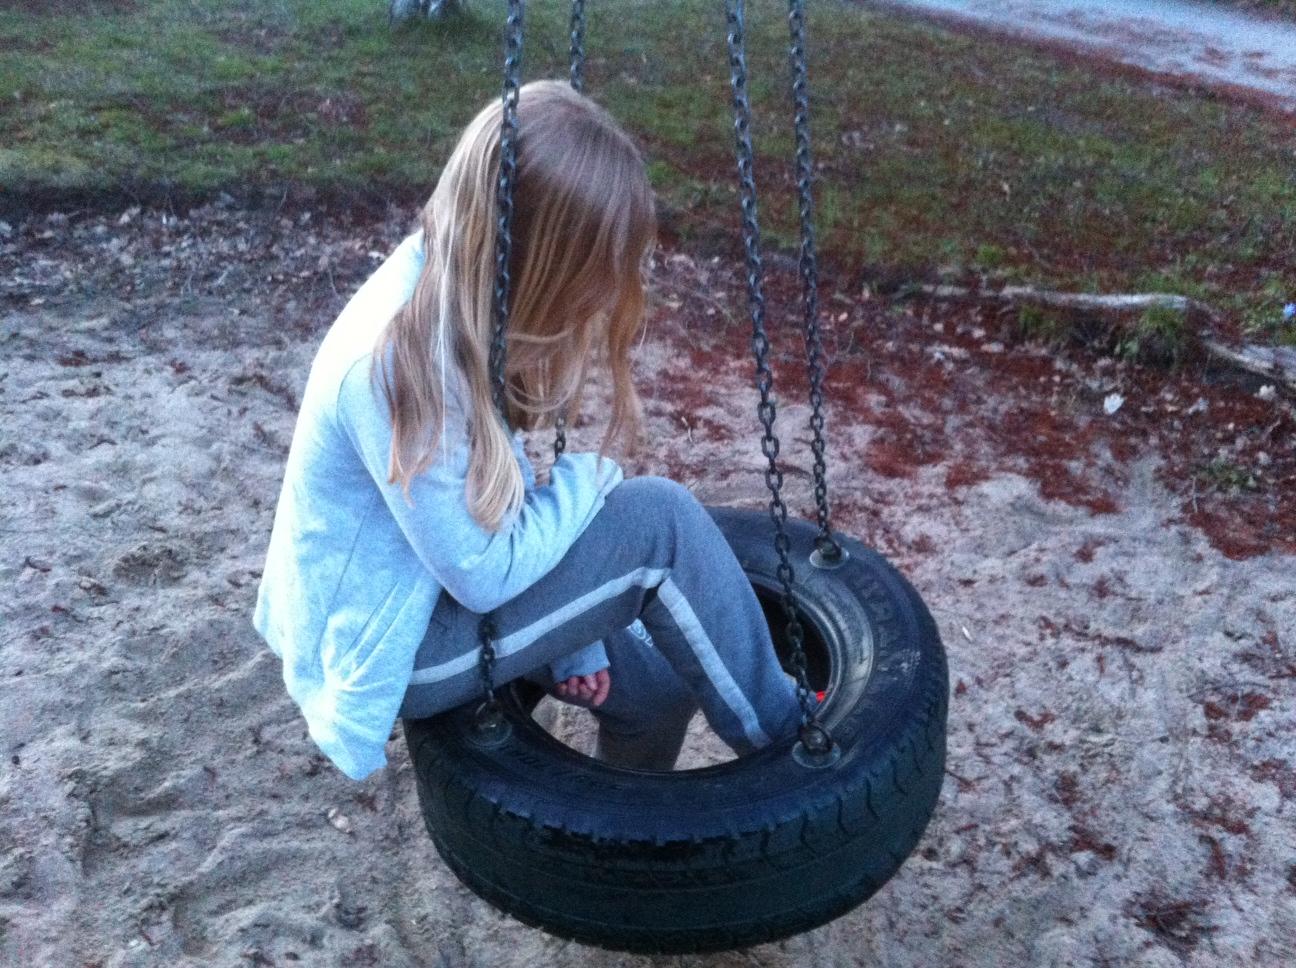 Ett barn sitter i en gunga